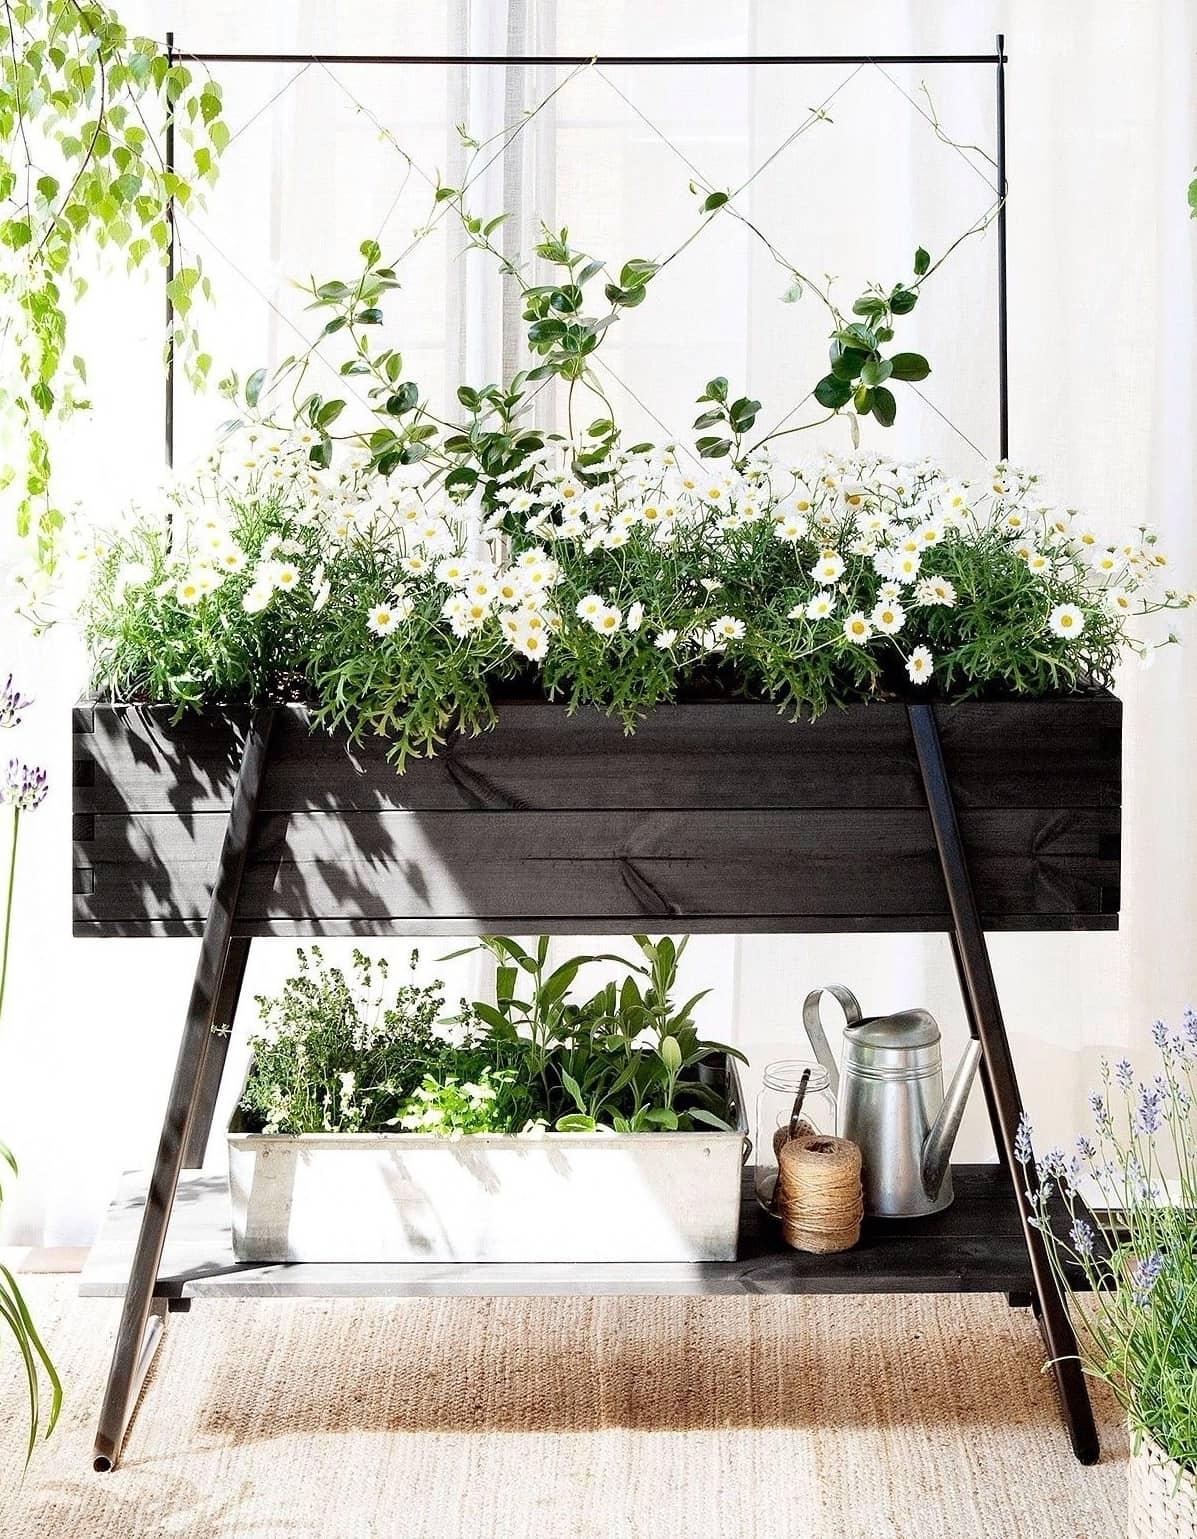 Белые ромашки всегда привлекают внимание, особенно если их высадить в красивый напольный кашпо